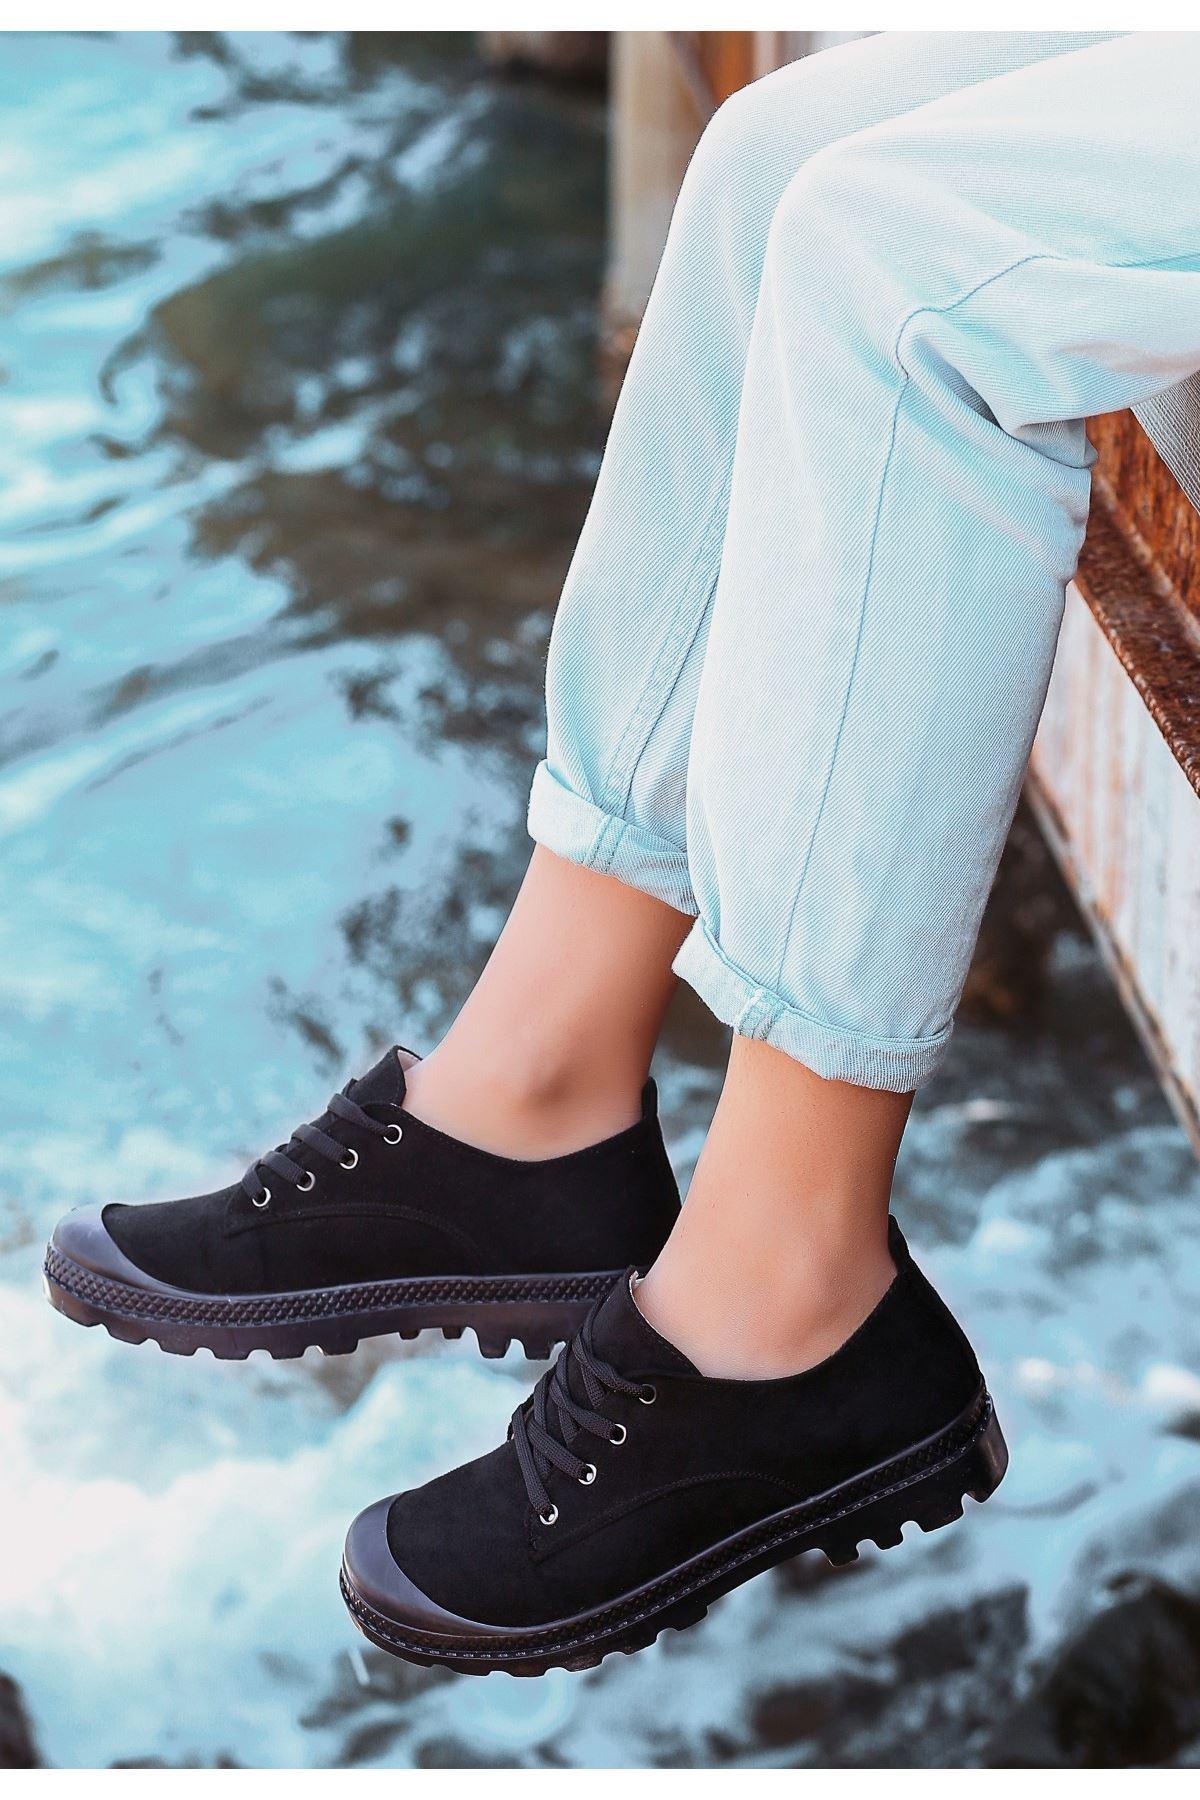 Mash Siyah Süet Bağcıklı Spor Ayakkabı